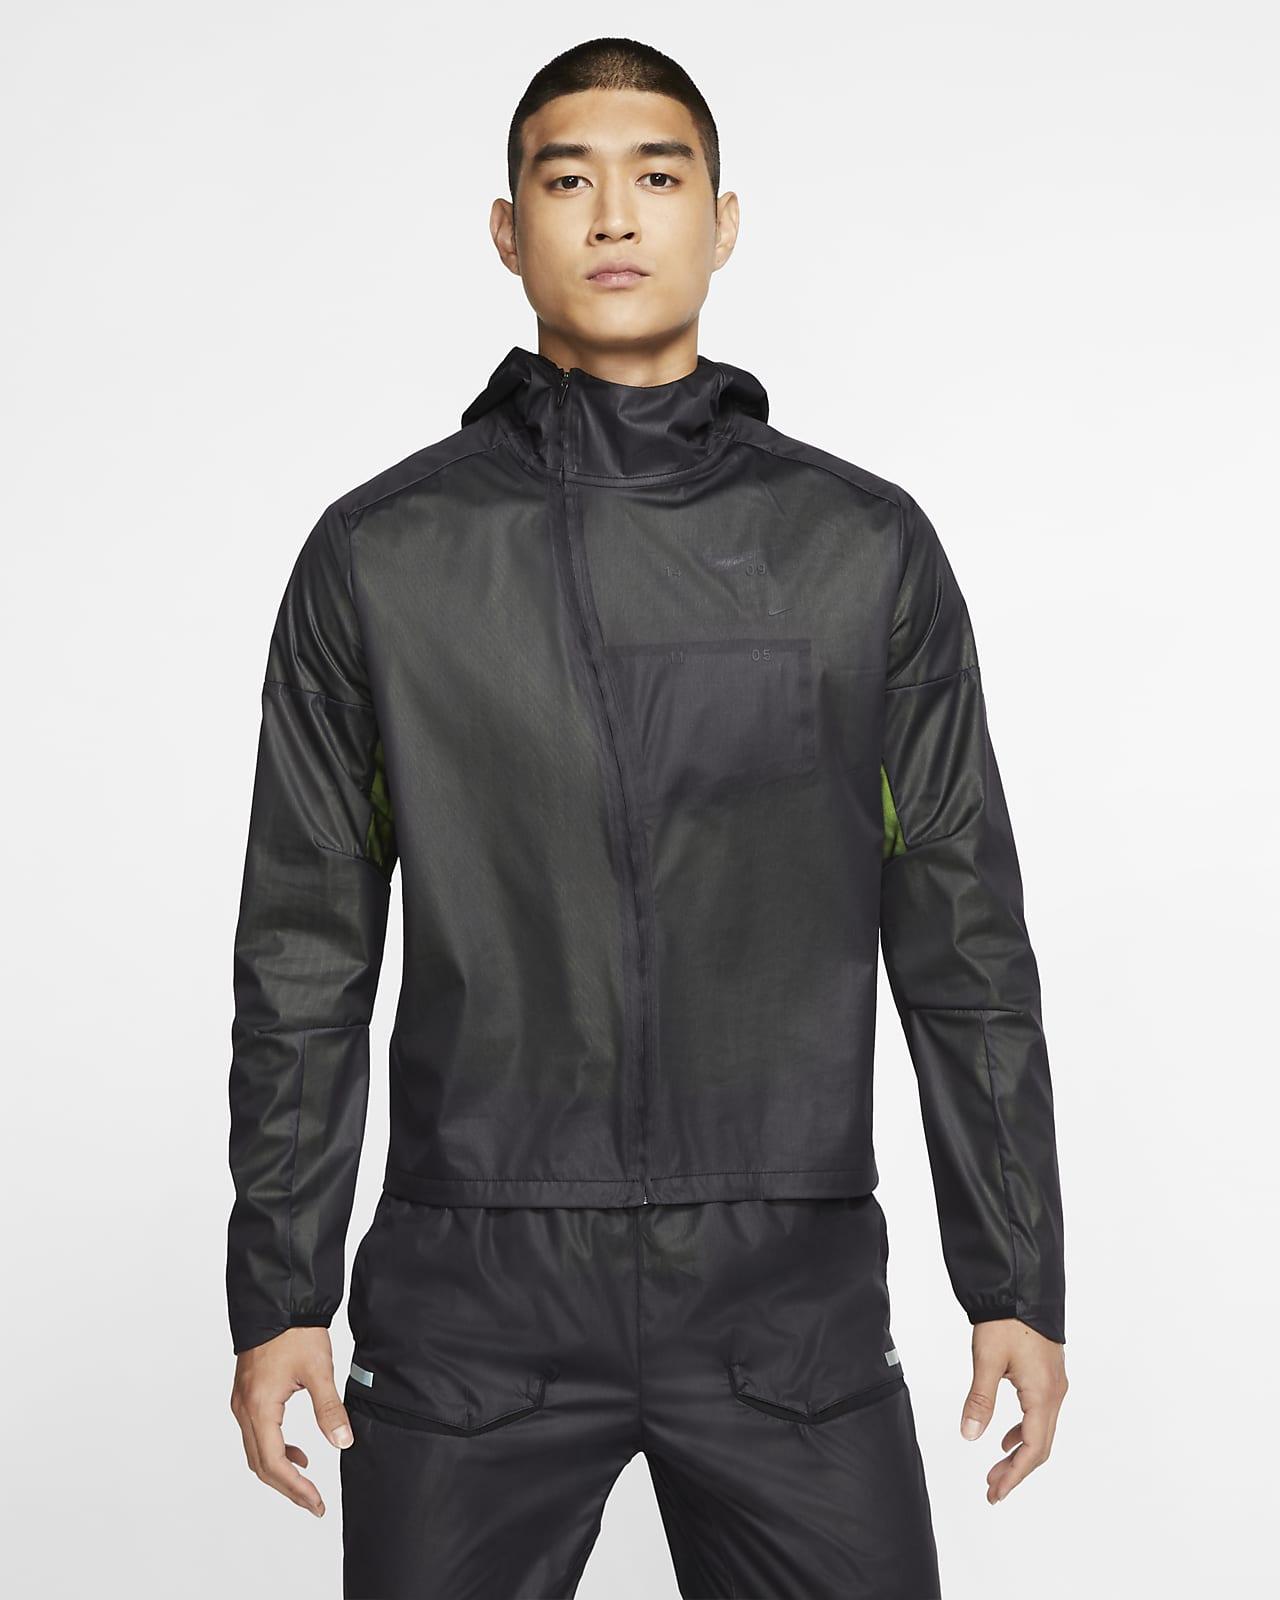 ナイキ テック パック メンズ 3 レイヤー ランニングジャケット